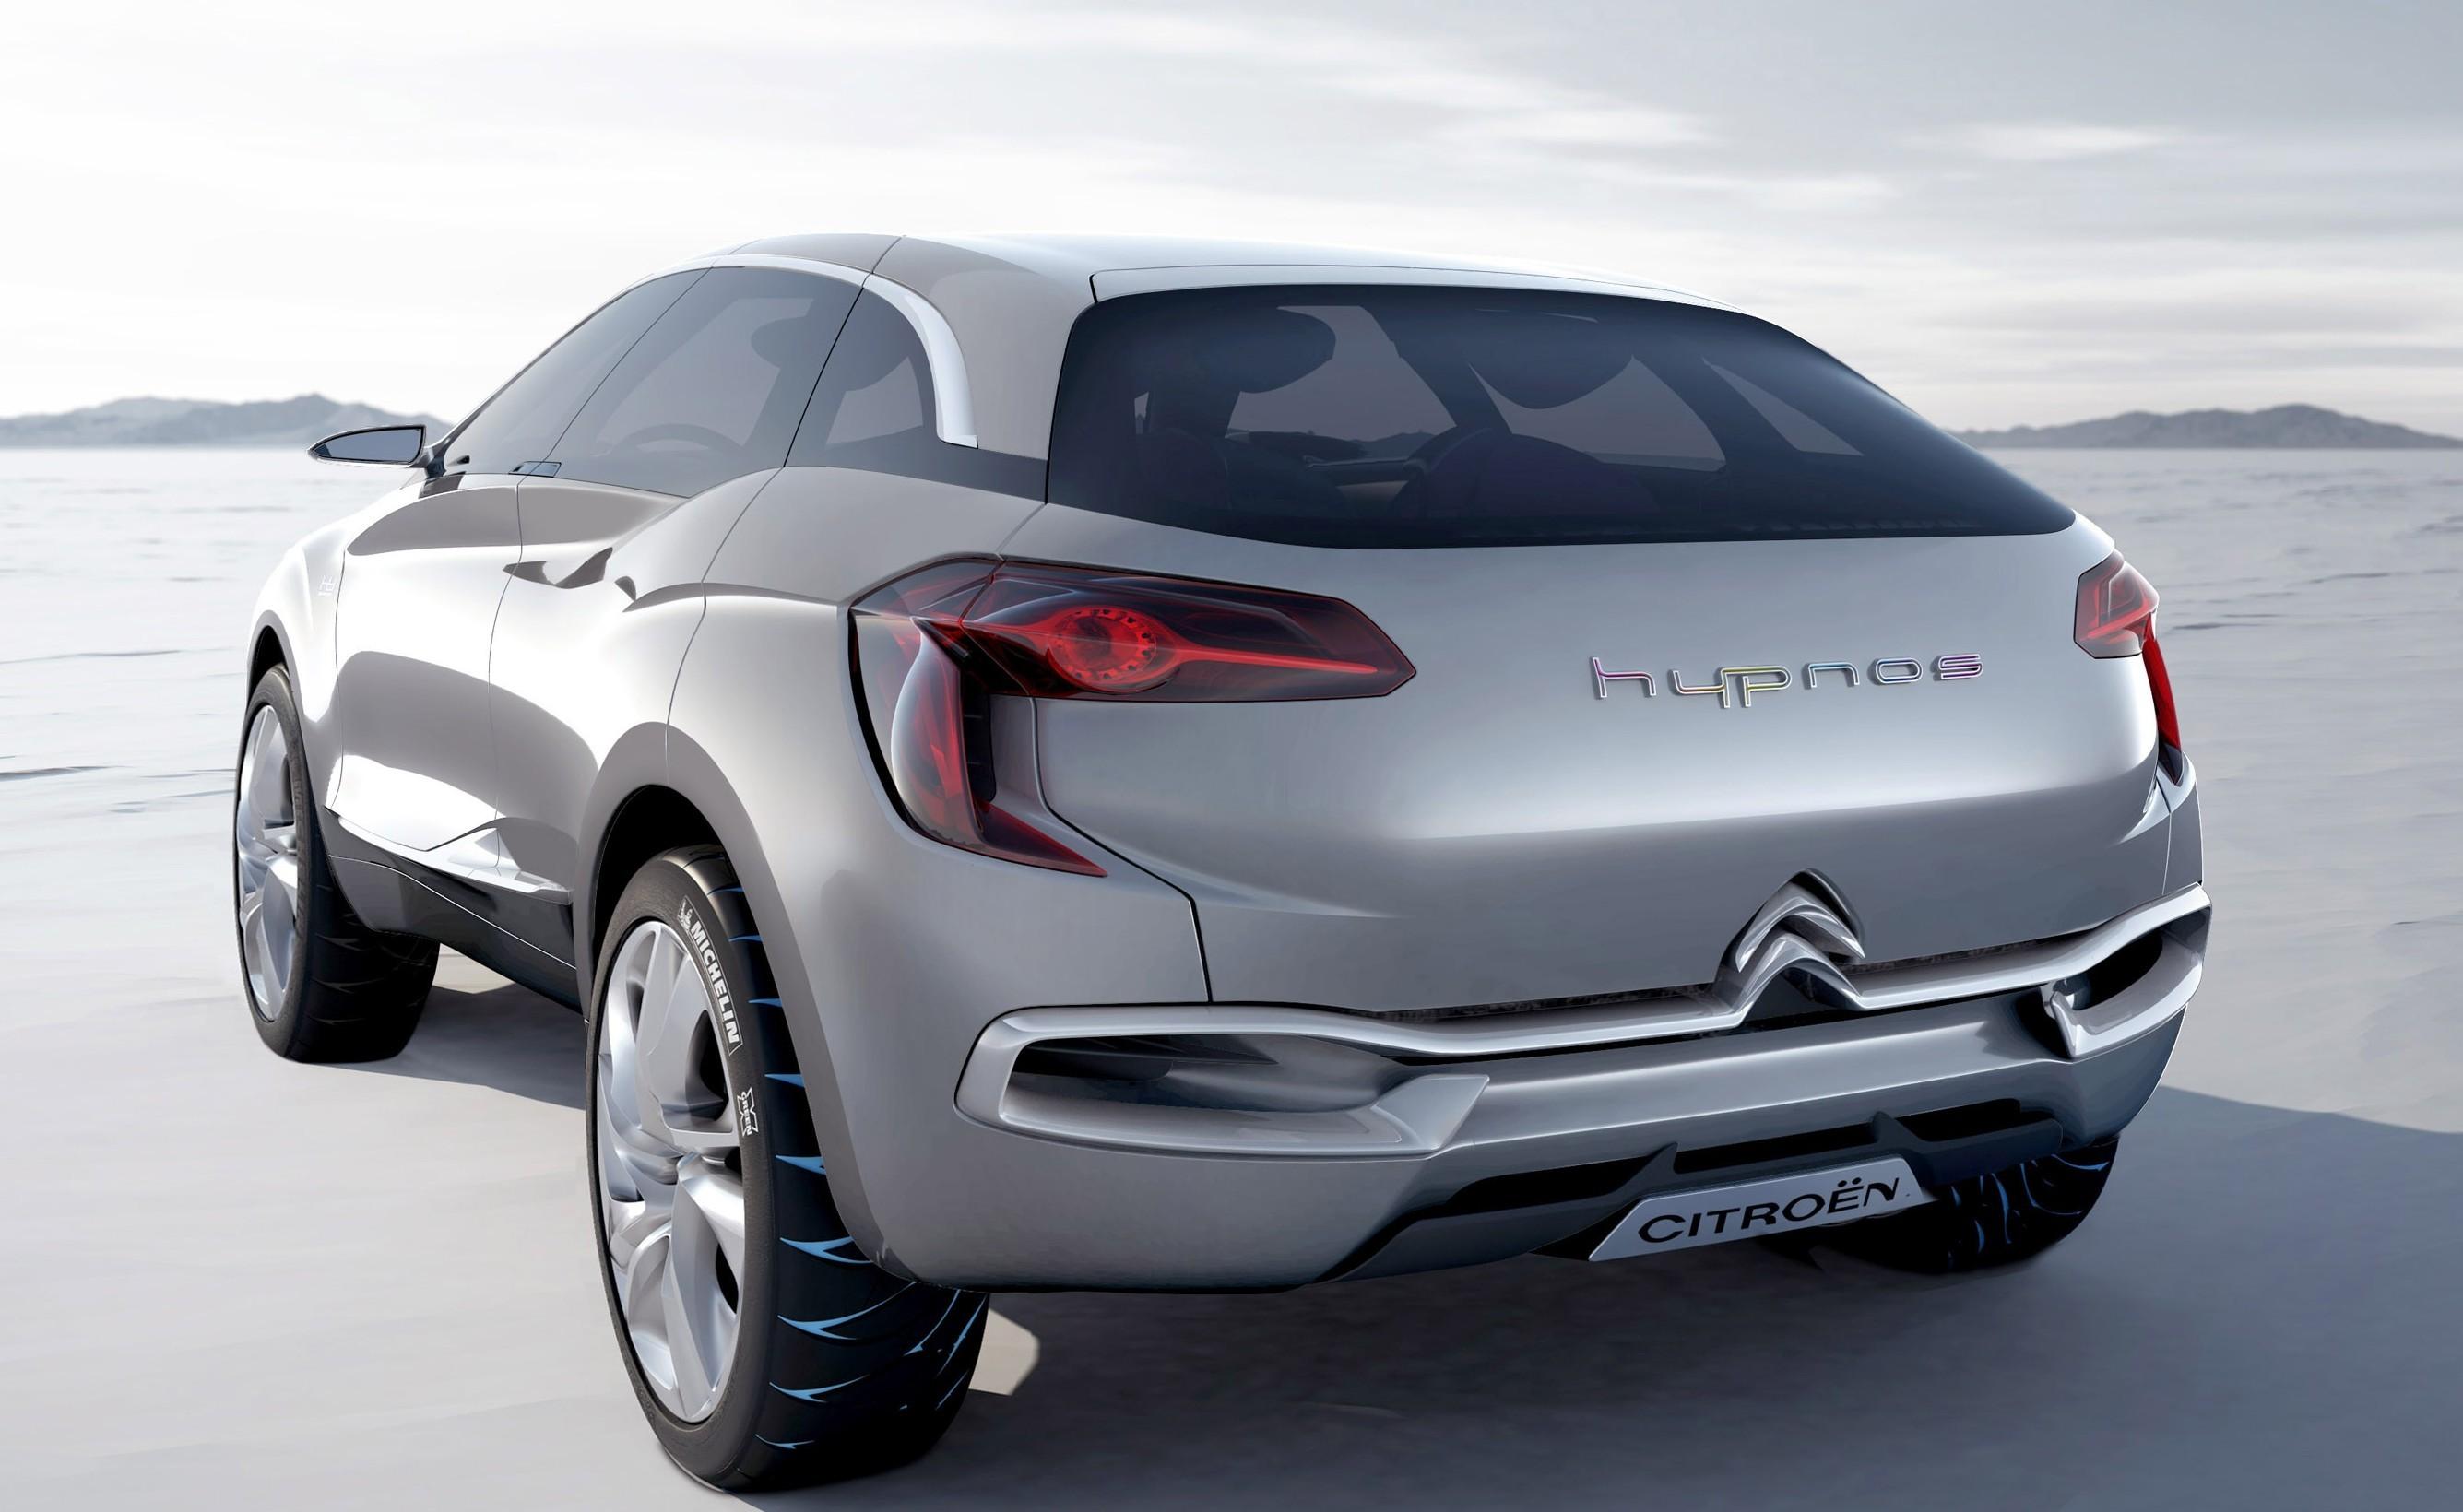 Citroen Hypnos Concept on 2016 Kia Sorento